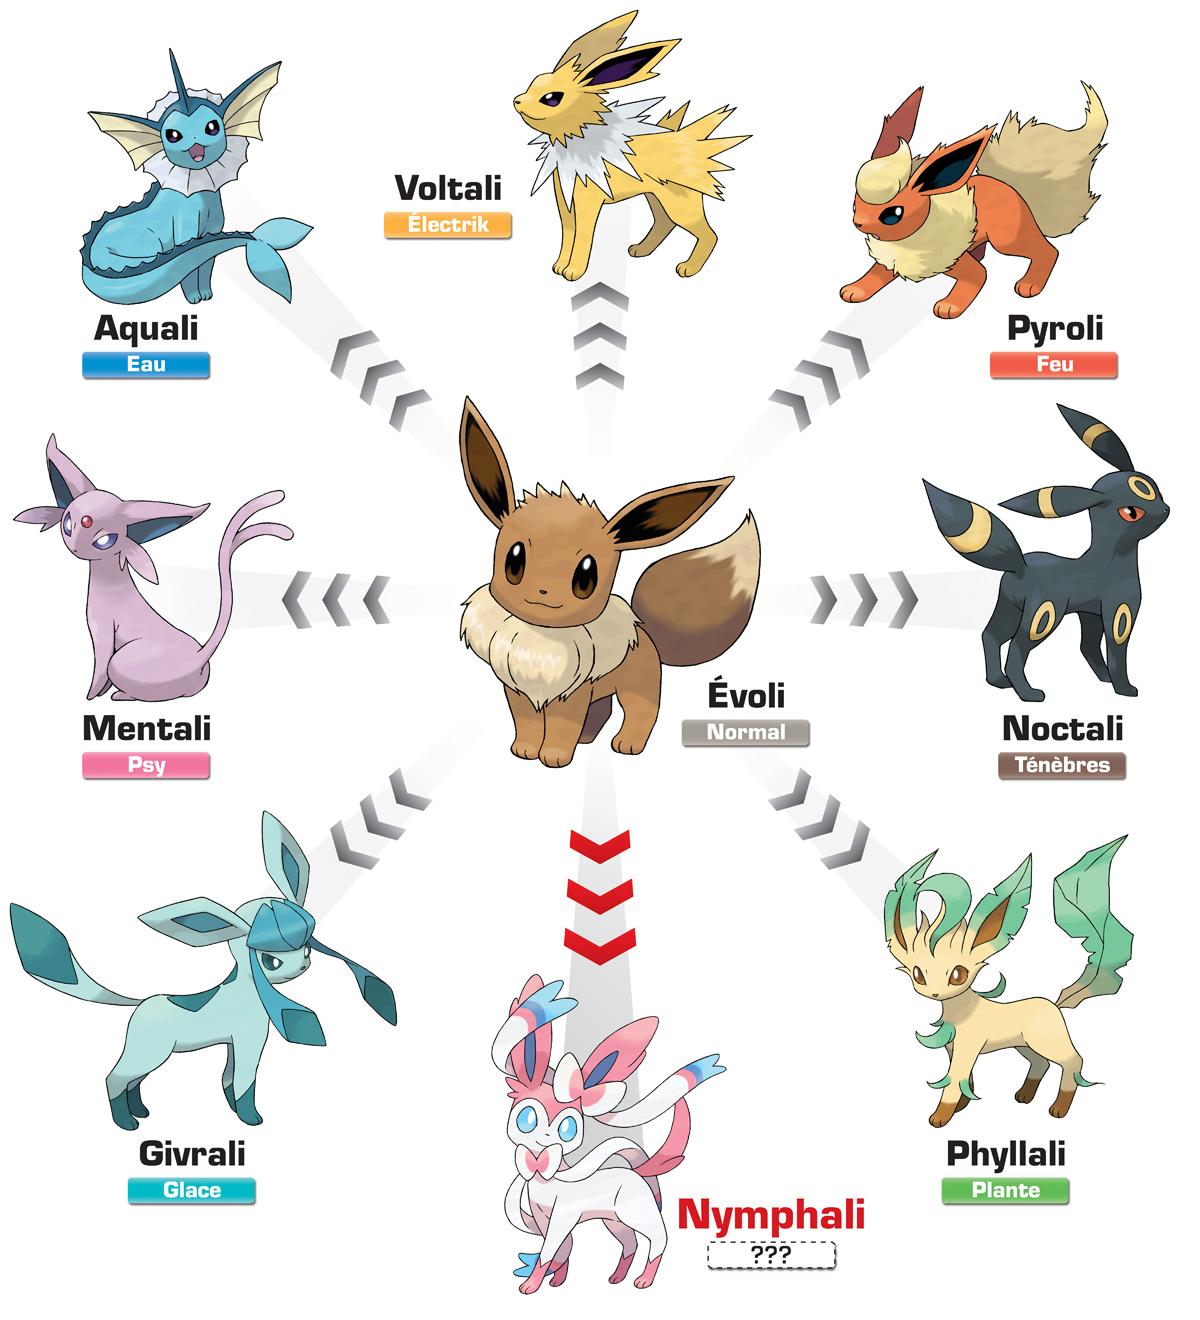 Comment avoir evoli dans pokemon noir - Pokemon noir 2 evoli ...